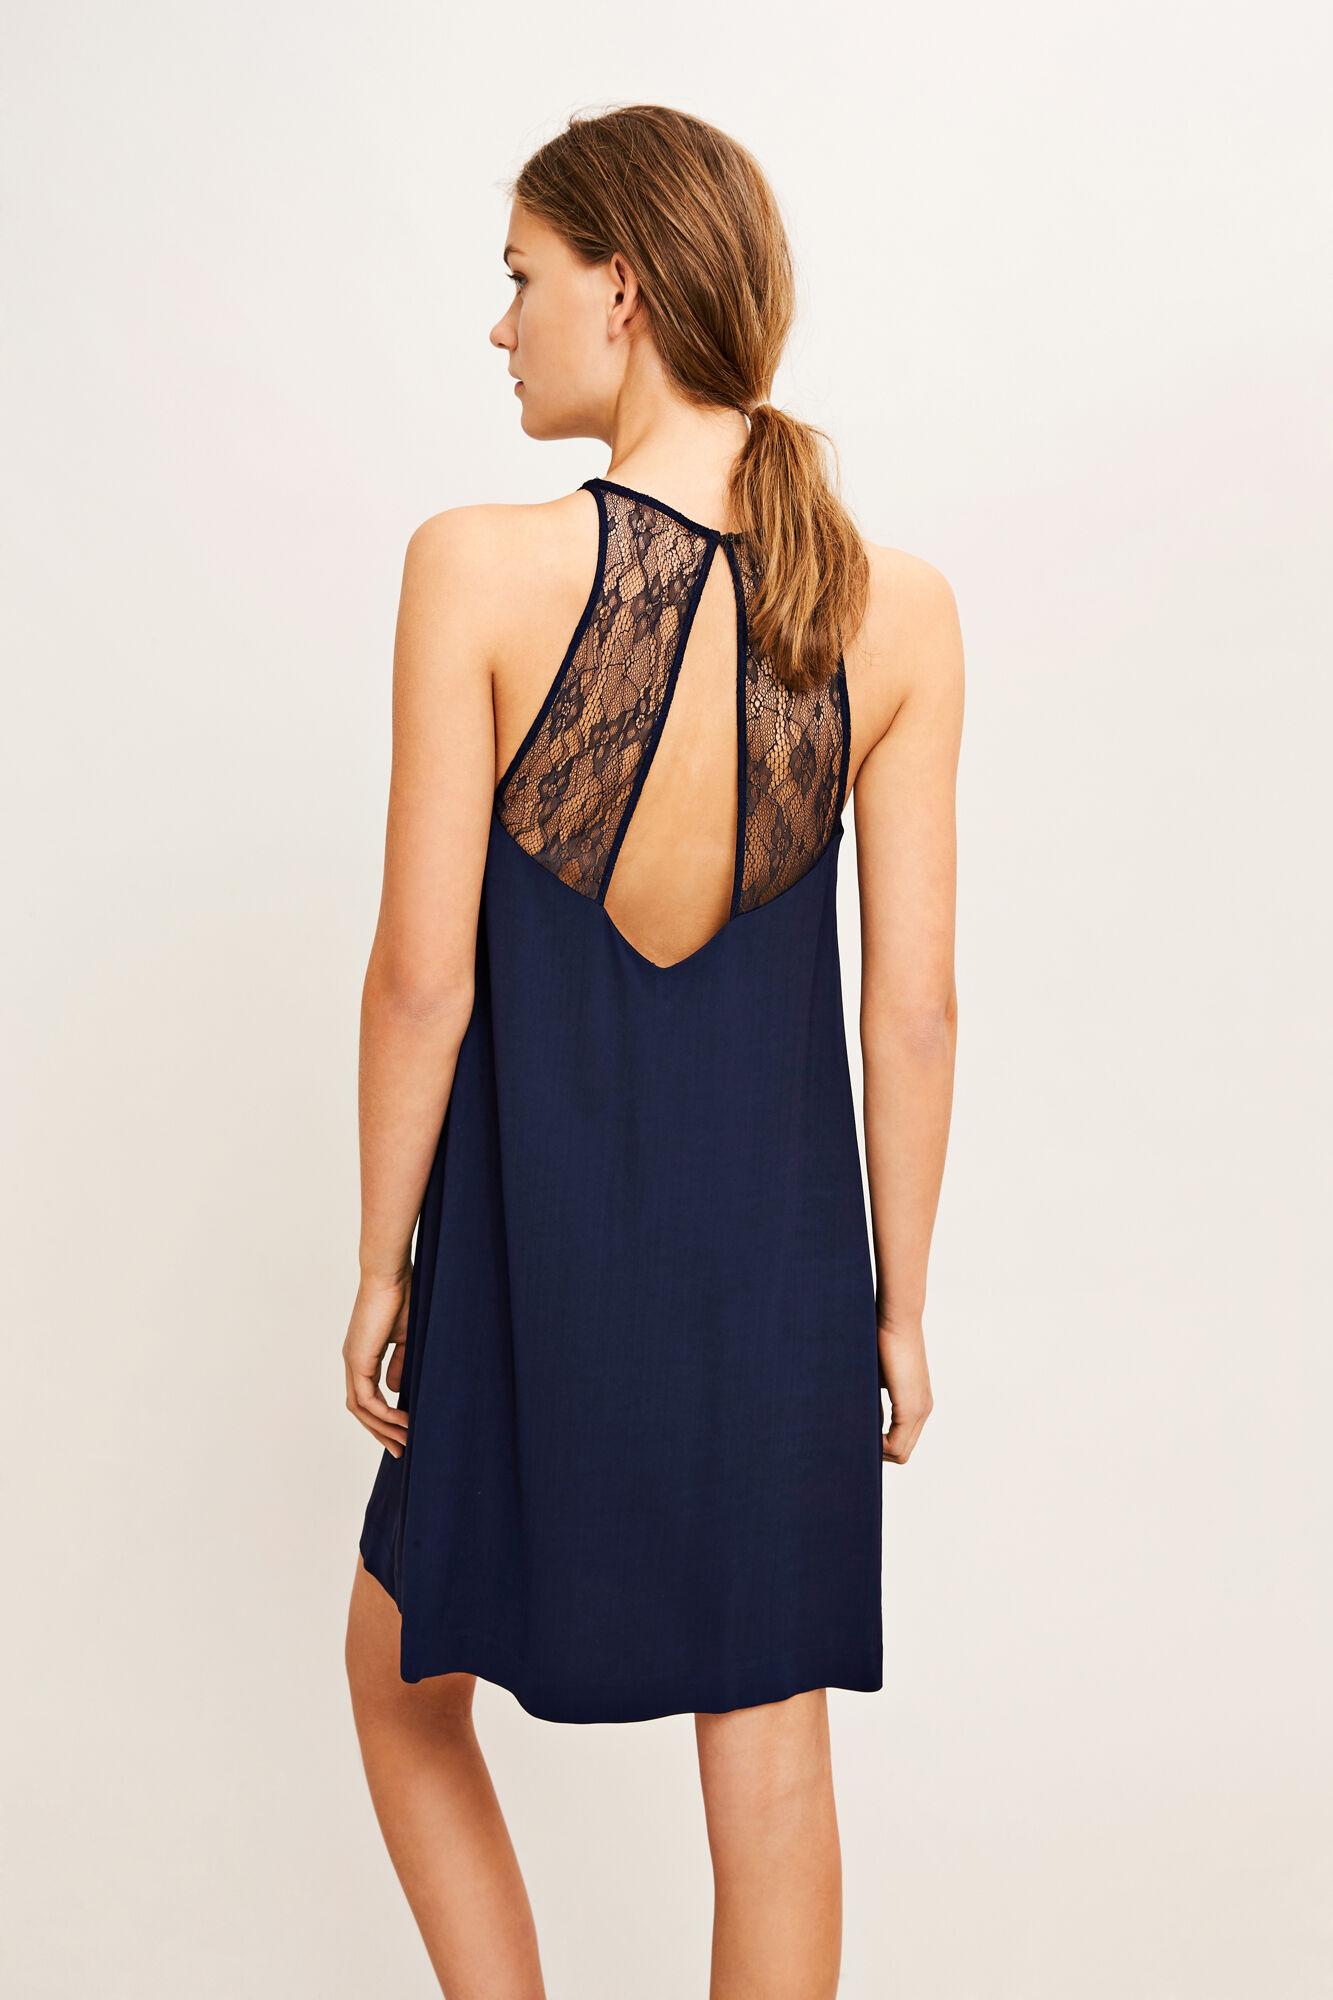 Bina s dress 6460